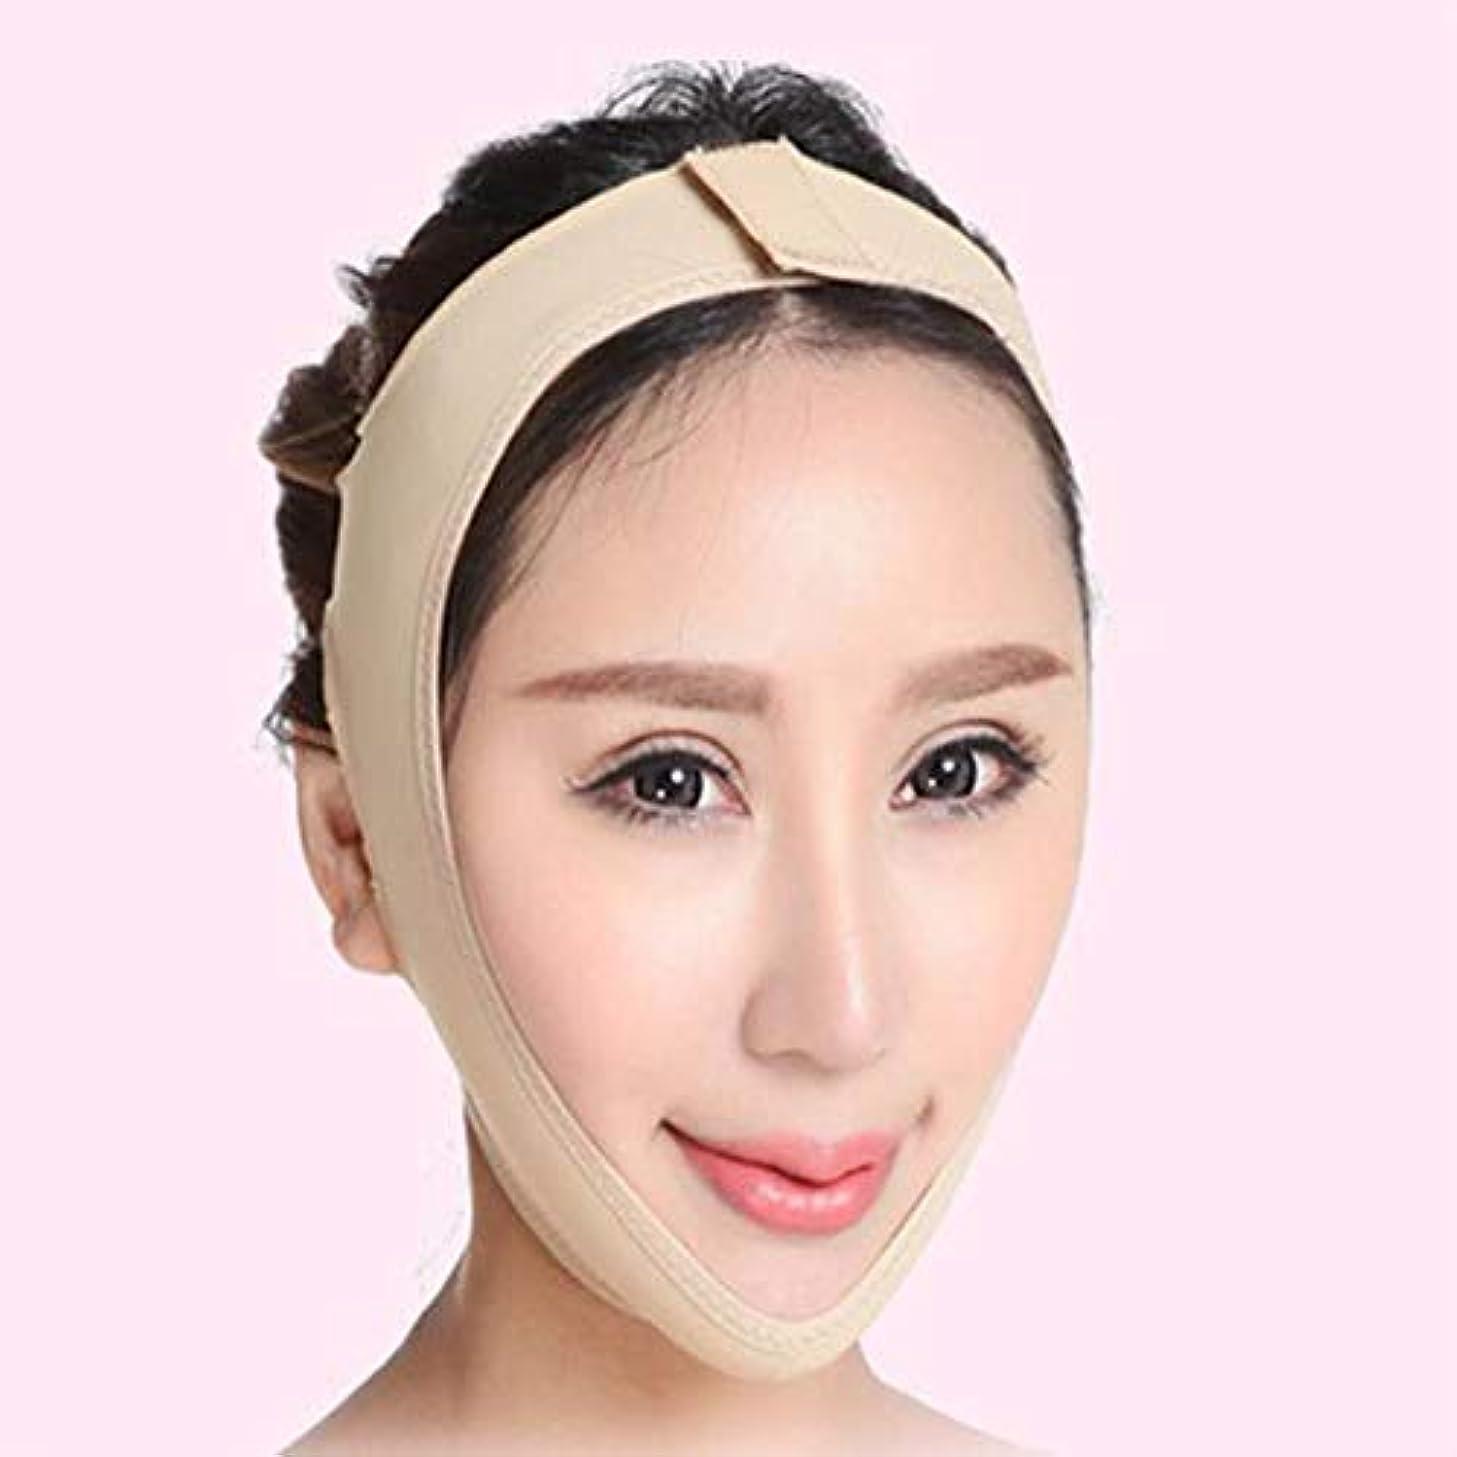 消化ブースト療法MR 小顔マスク リフトアップ マスク フェイスラインシャープ メンズ レディース Sサイズ MR-AZD15003-S